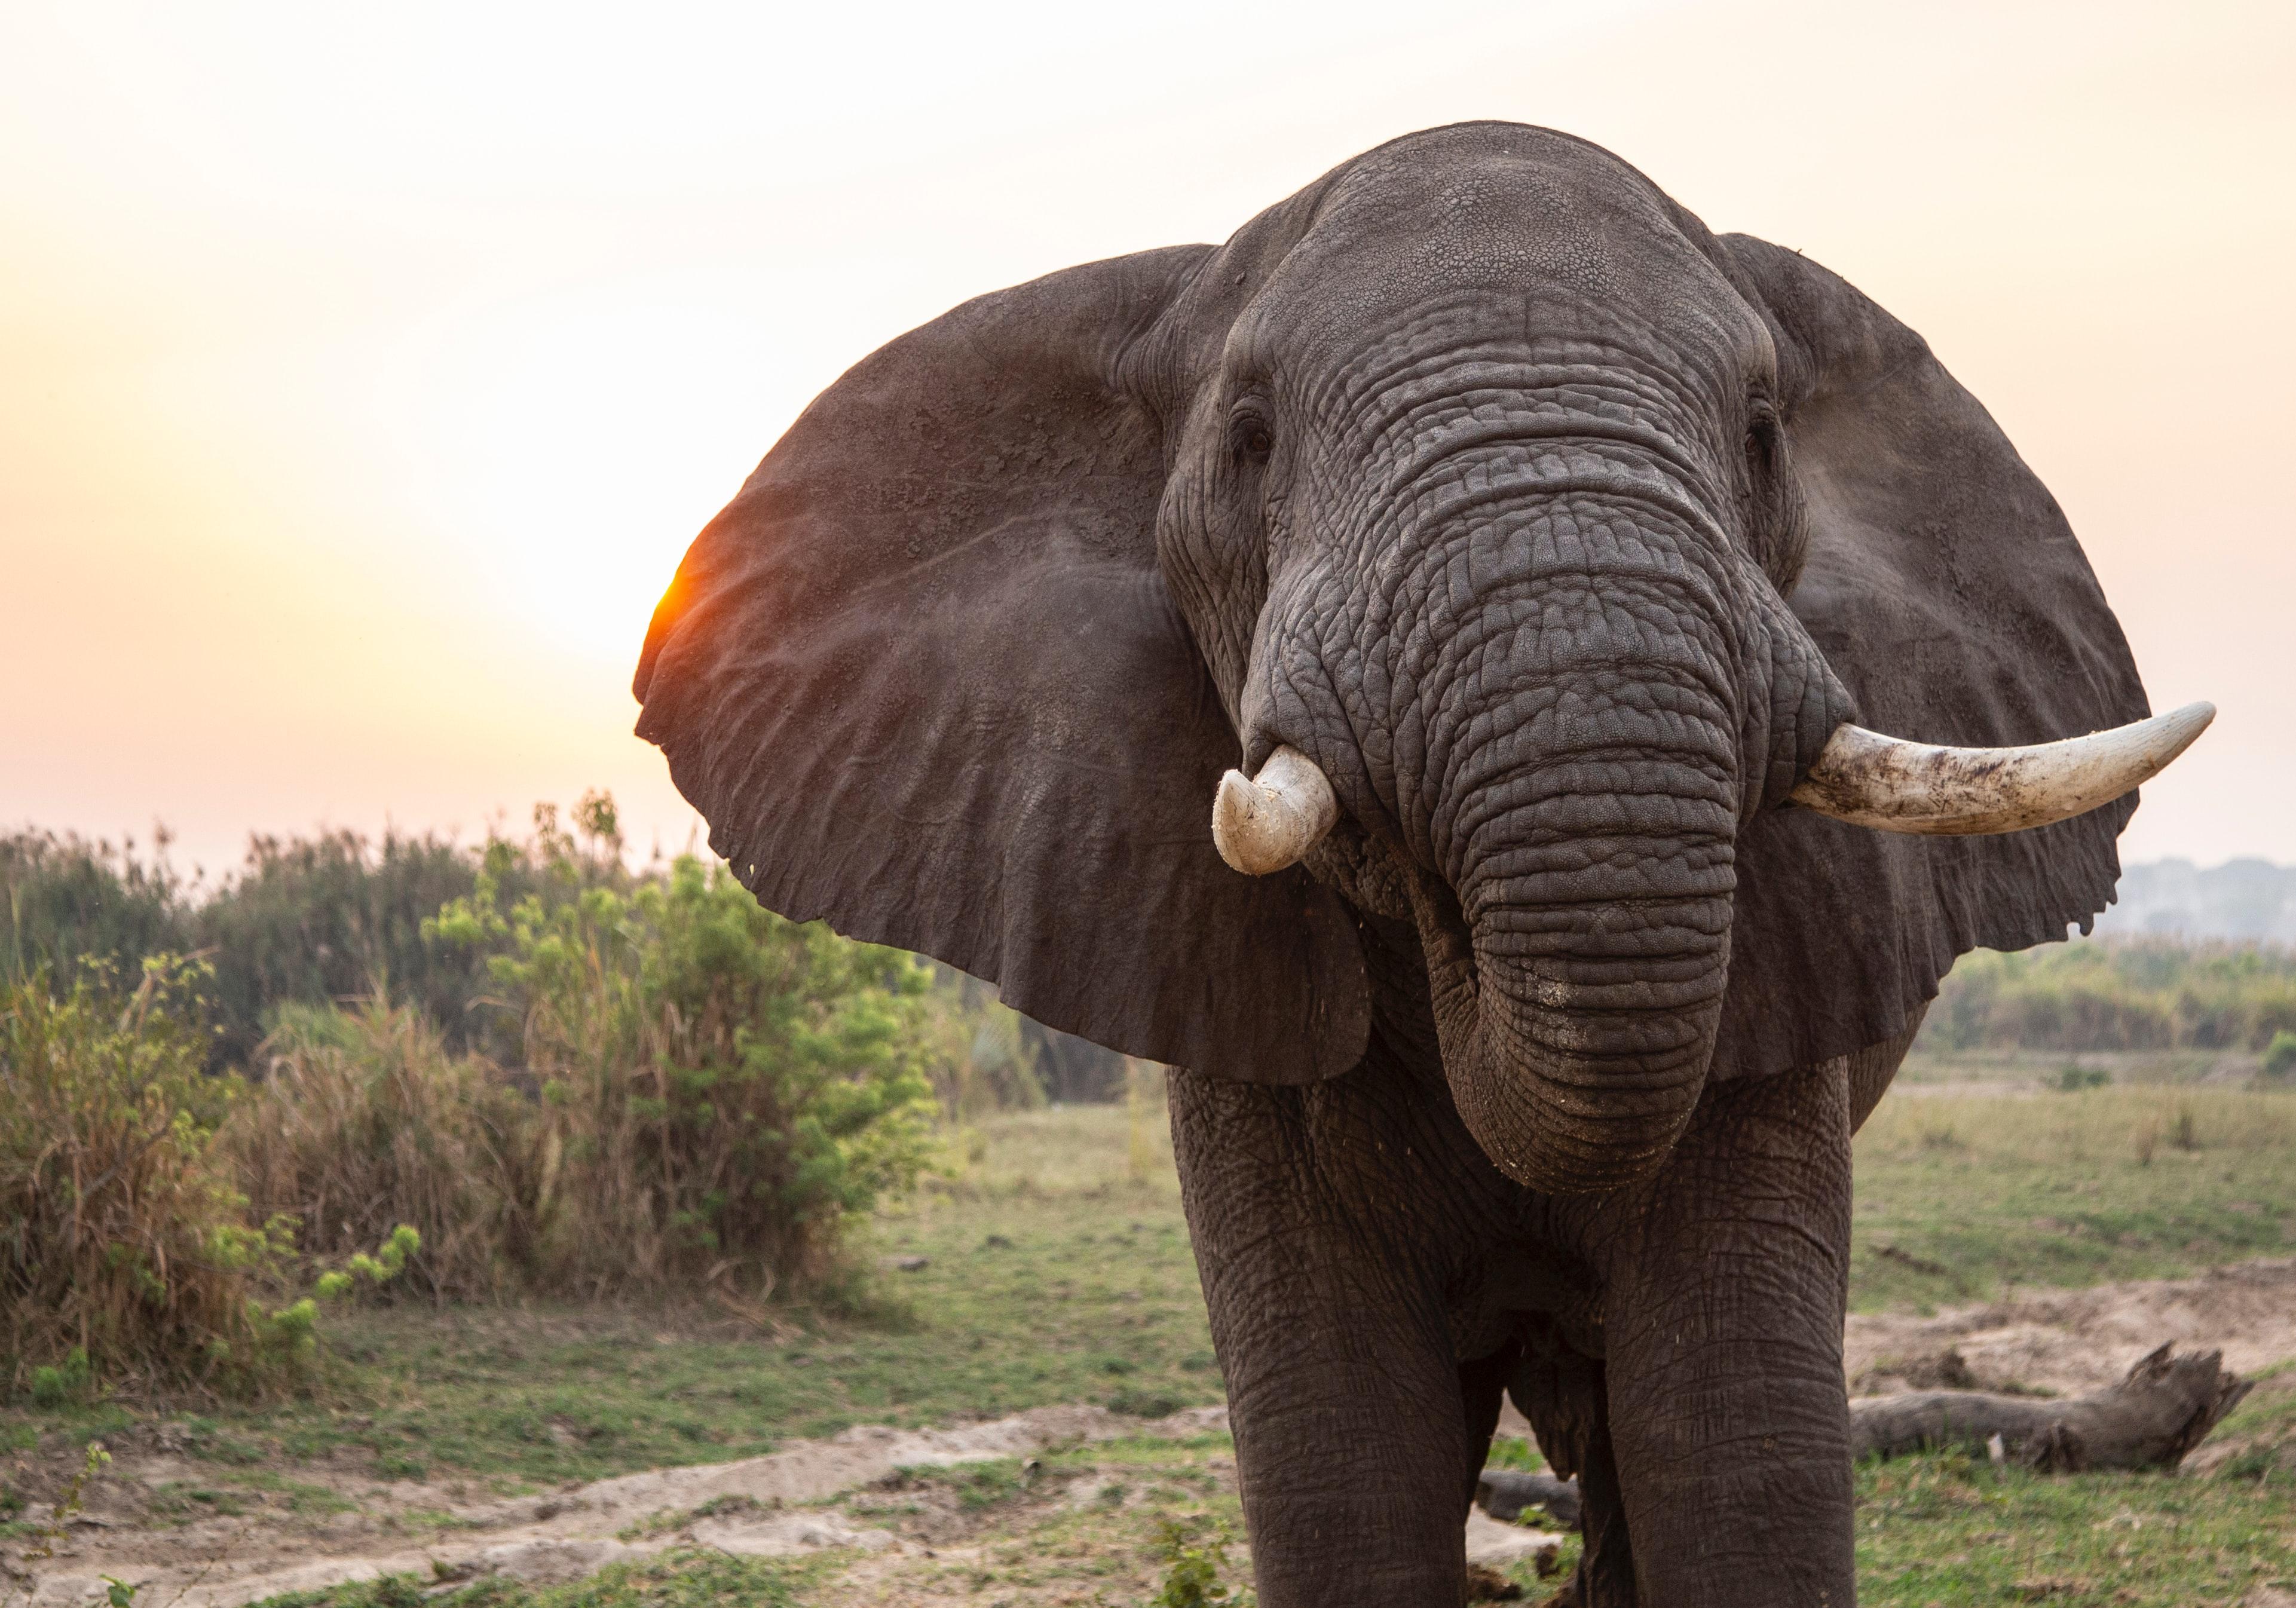 (Français) L'éléphant d'Asie, menacé d'extinction, va enfin être protégé